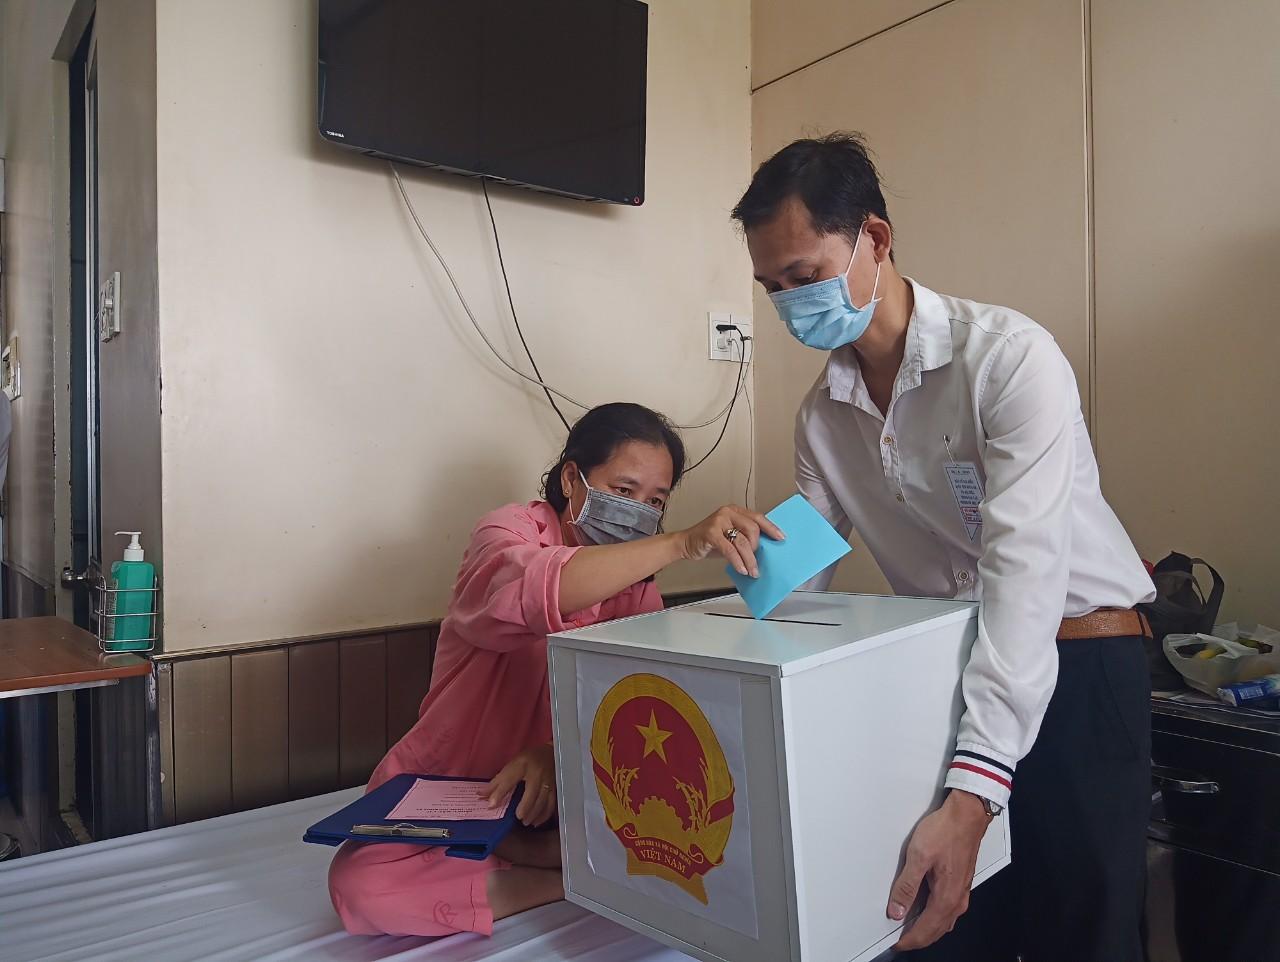 Tại điểm bầu cử ở Bệnh viện Chợ Rẫy, Ban tổ chức trực tiếp mang thùng phiếu đến cho các bệnh nhân bầu cử